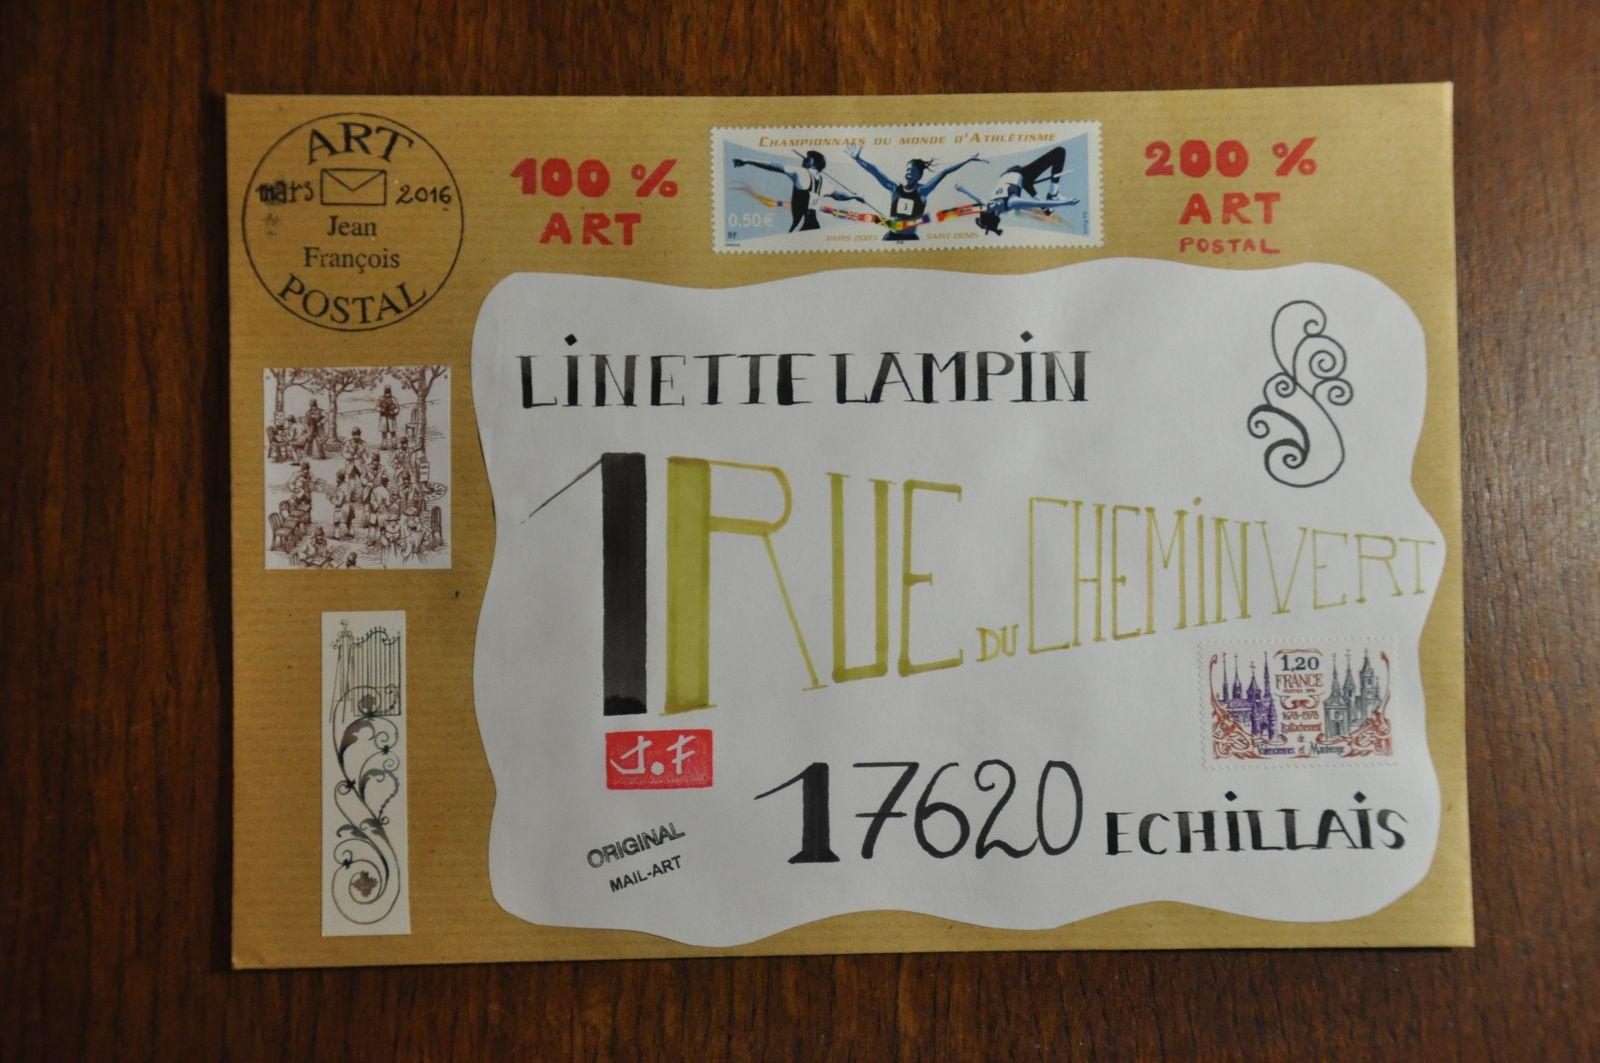 Pour Linette Lampin.